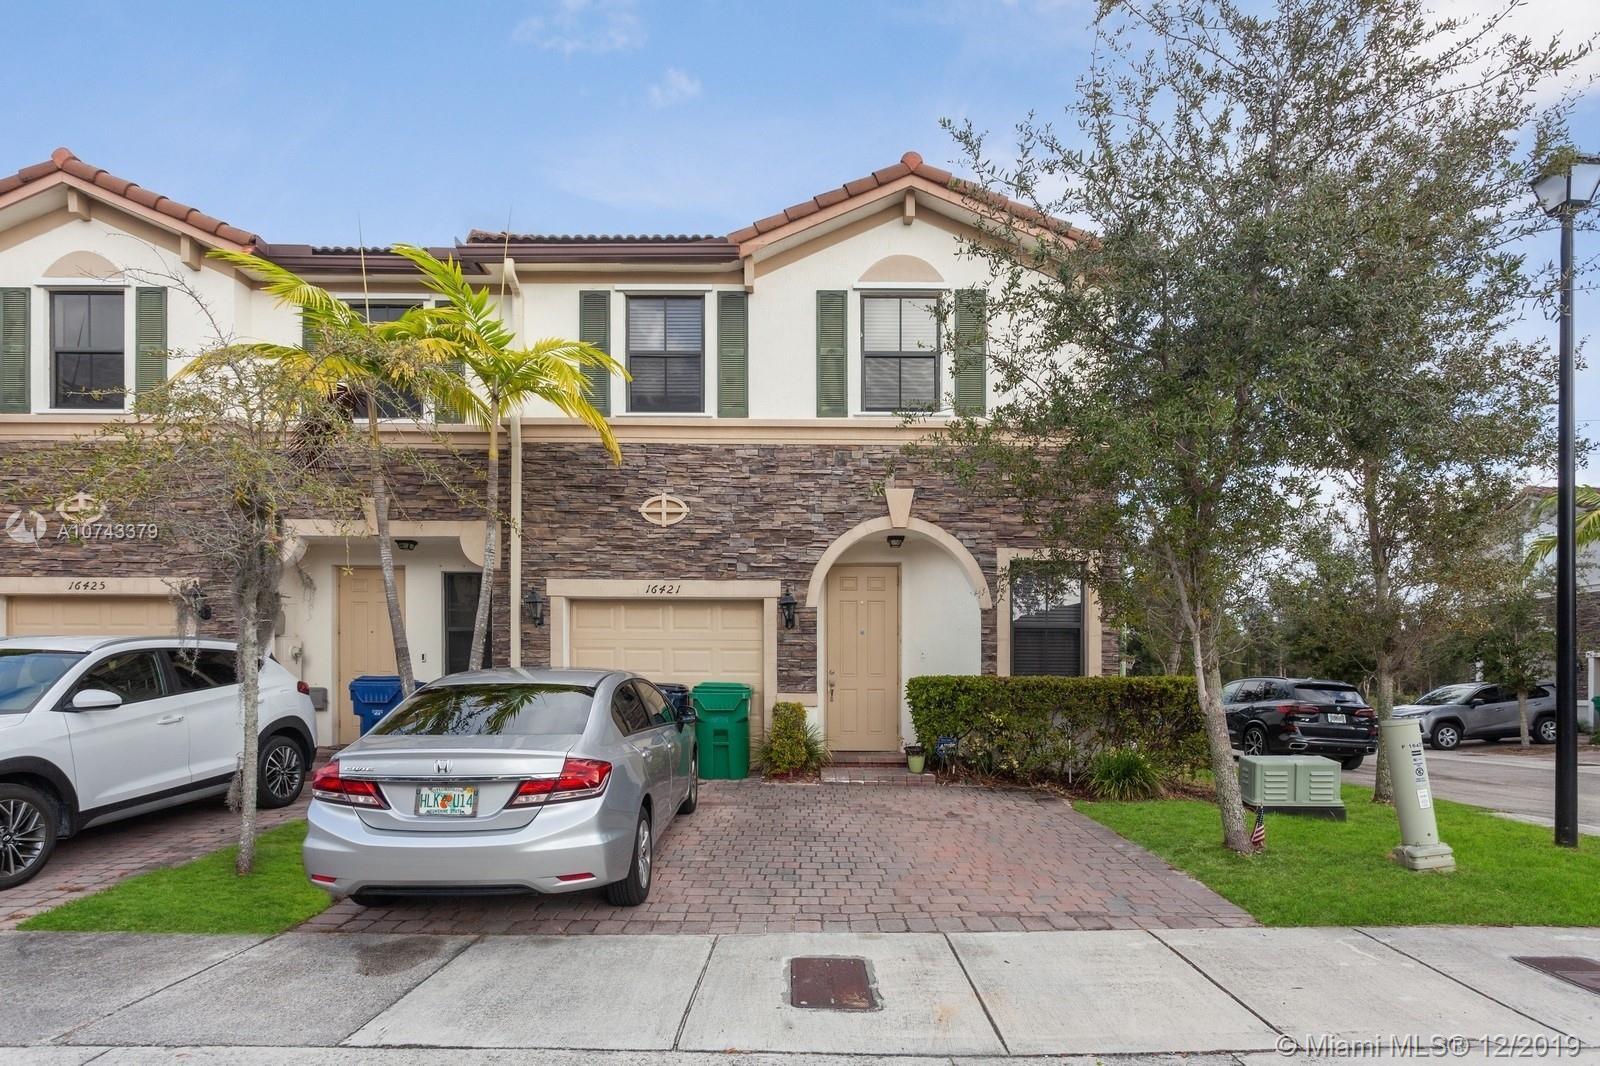 16421 SW 42th Terrace - Miami, Florida